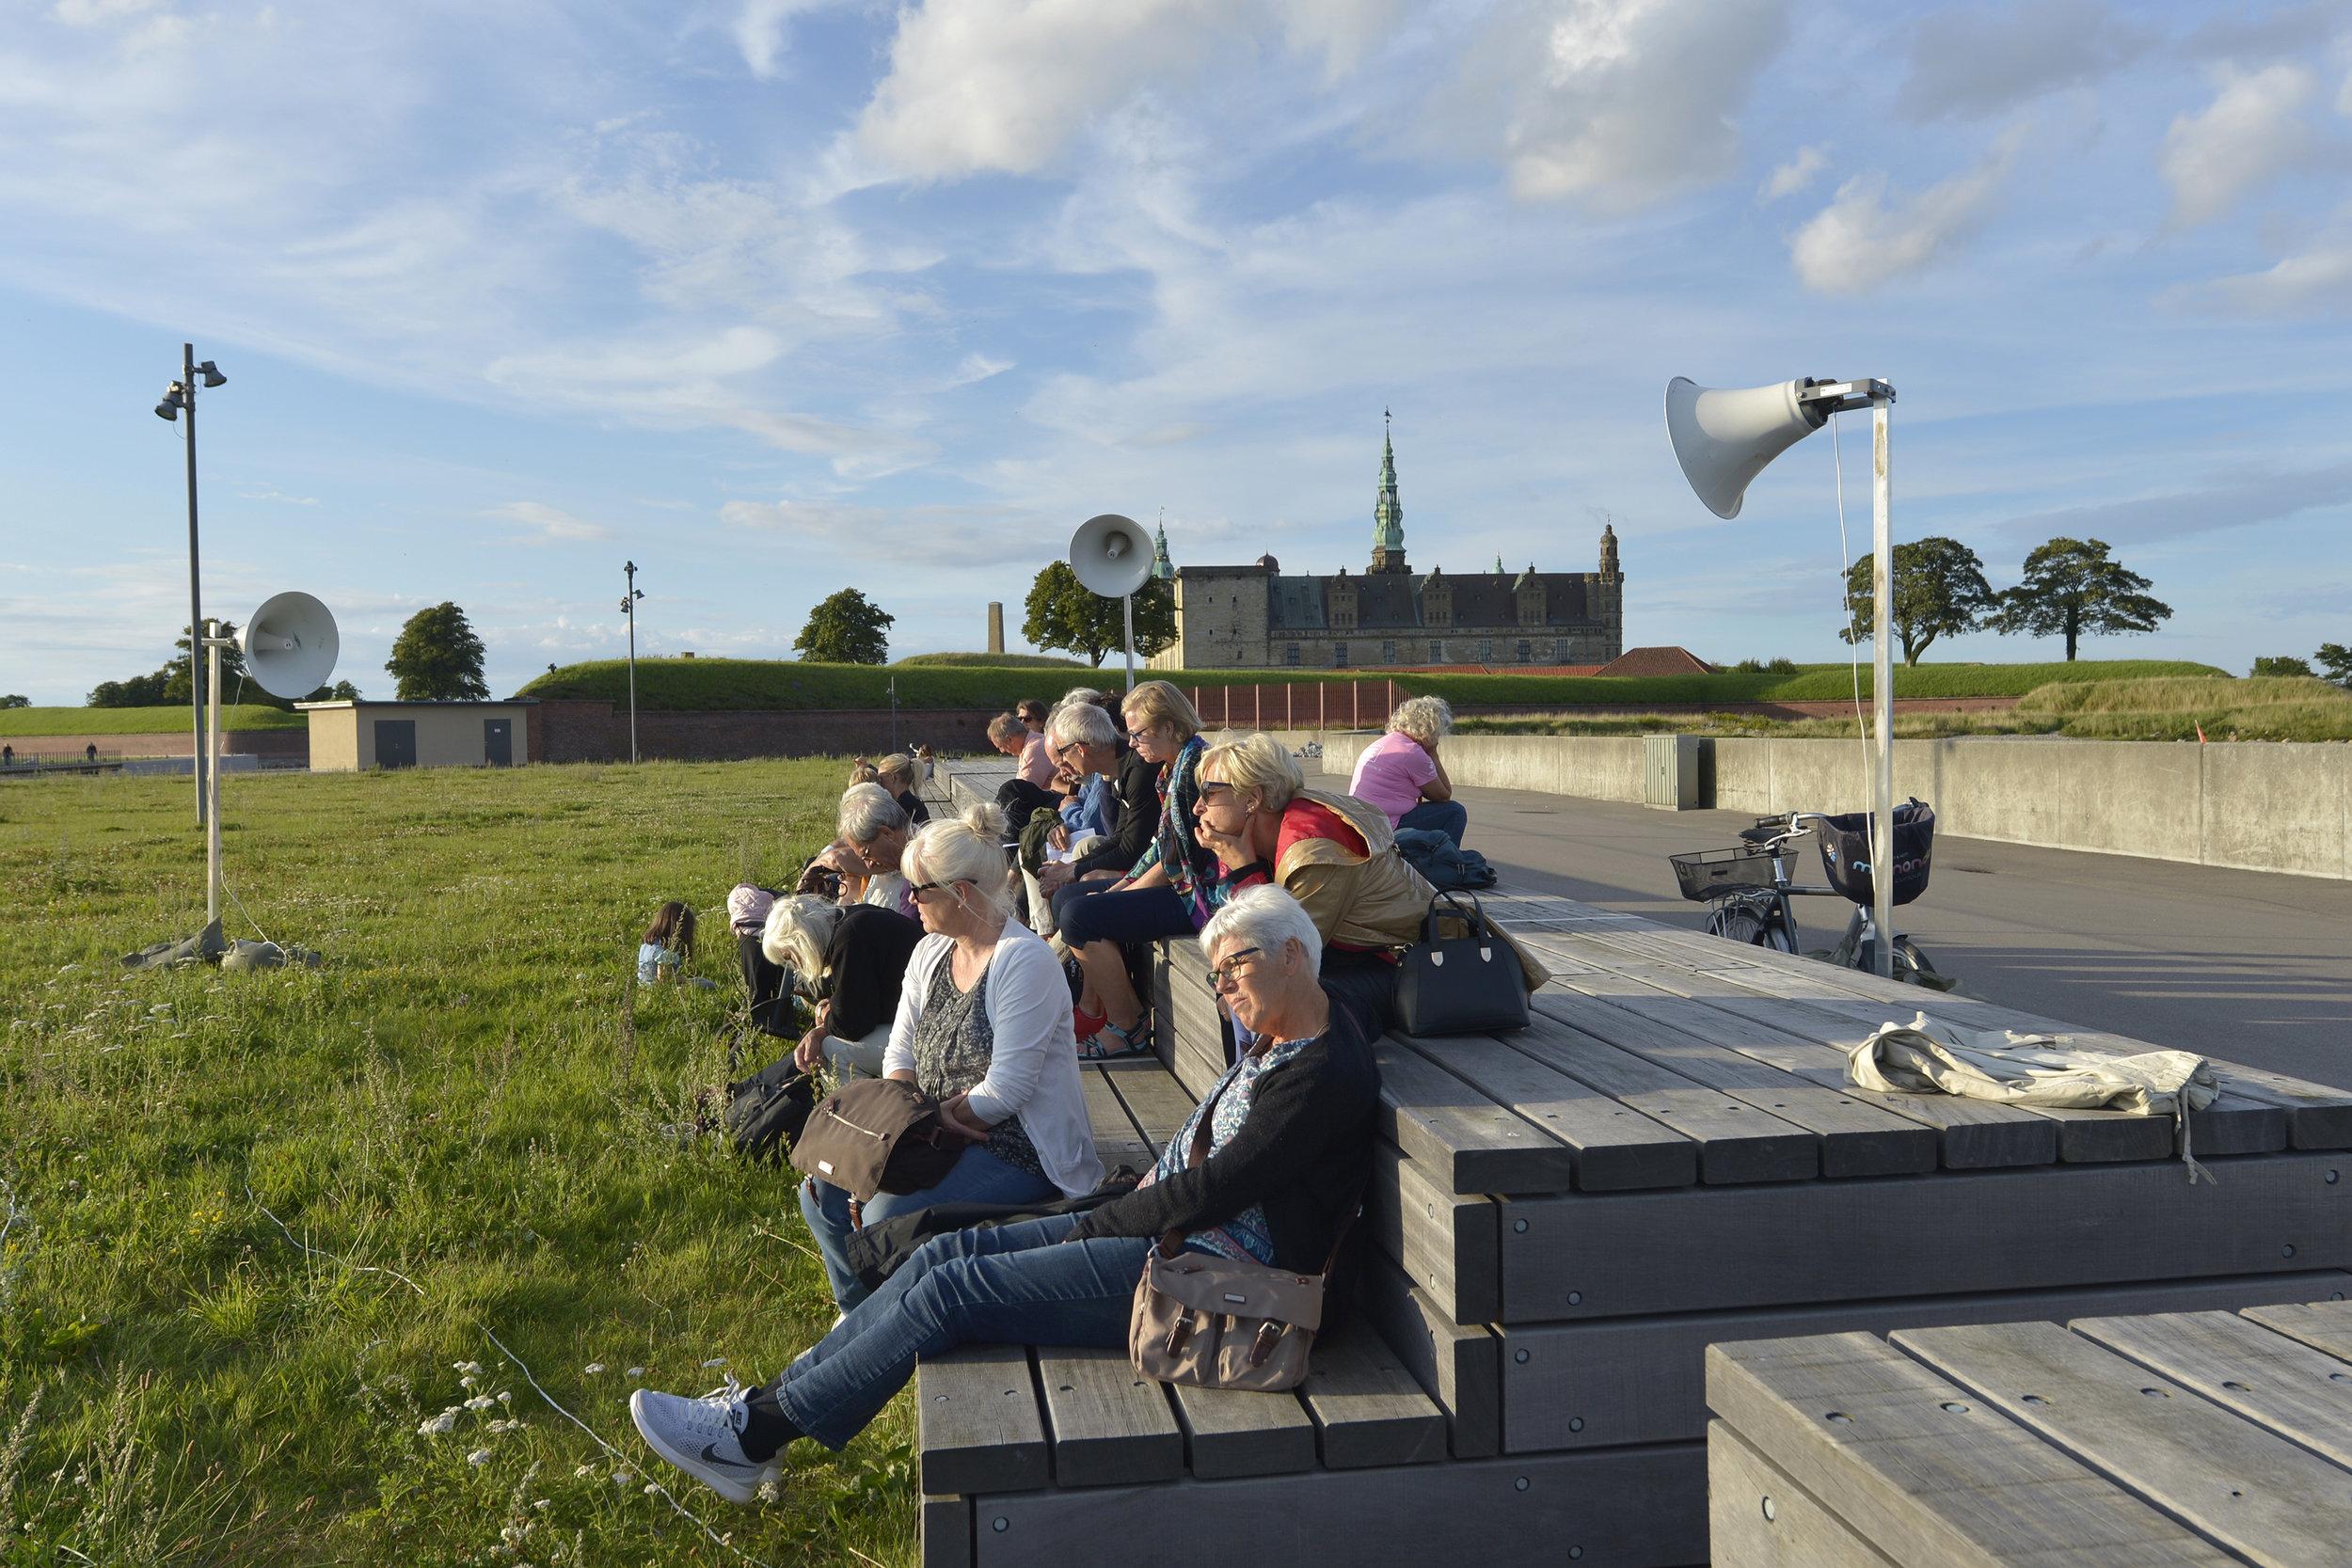 Flemming Fuglsang - MA Archive (DK) - Stemmer Fra ùresund - 05082016 - 021.jpg